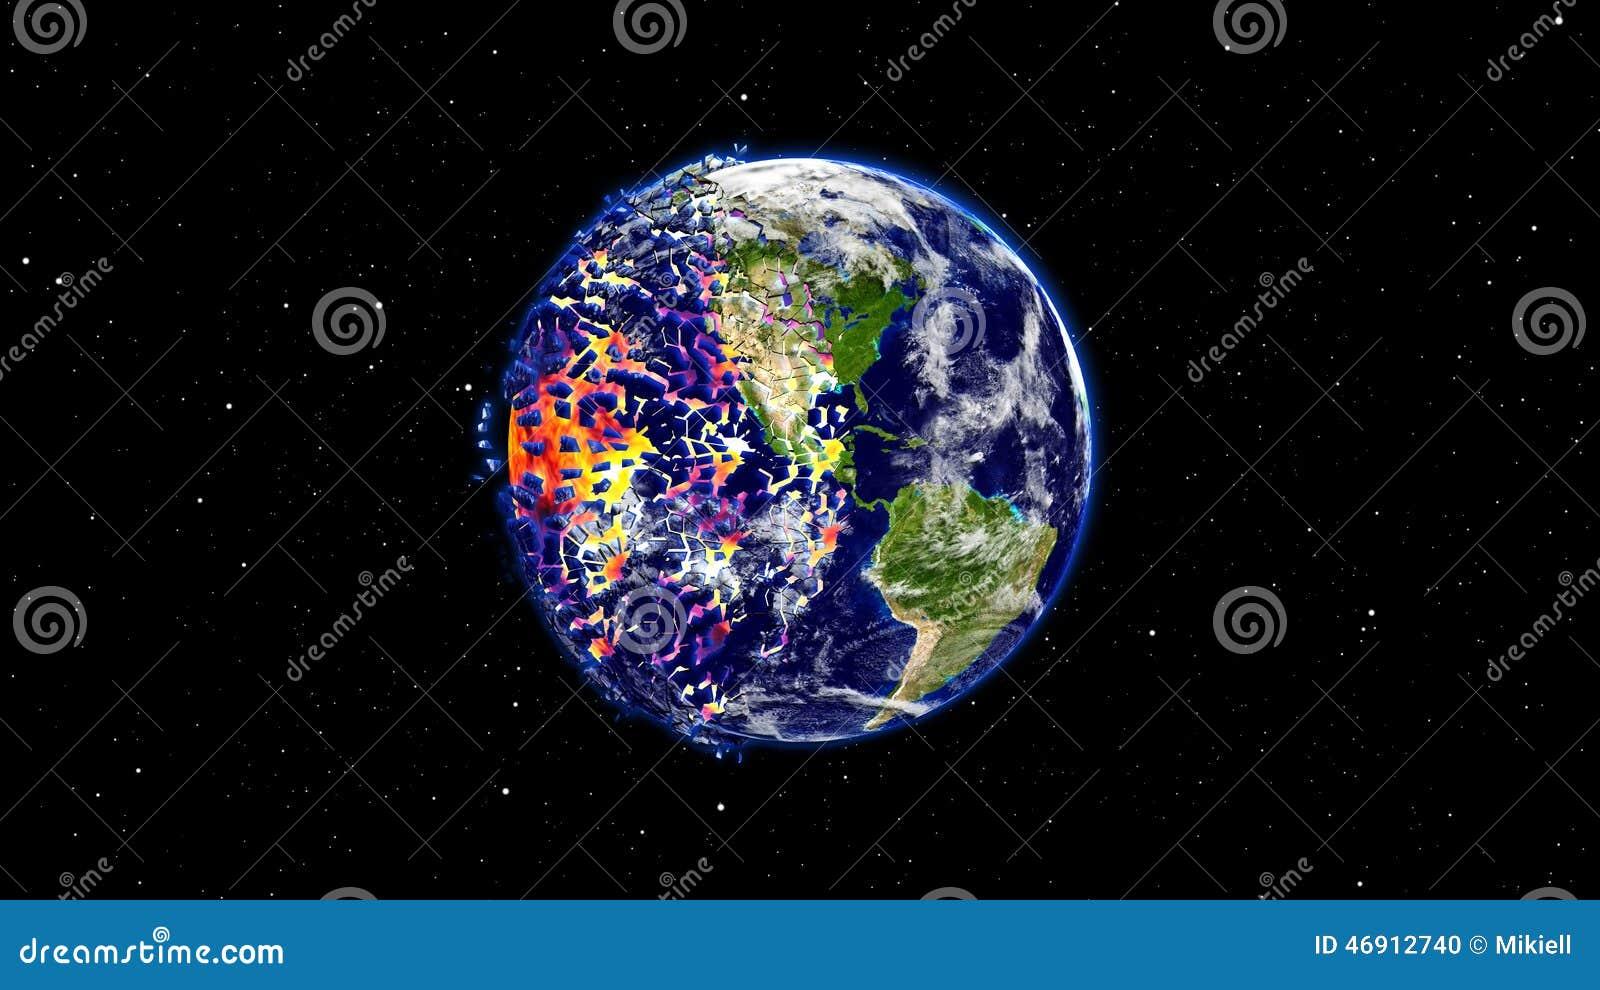 在一个全球性灾害,默示录小行星冲击地球以后接地燃烧或爆炸